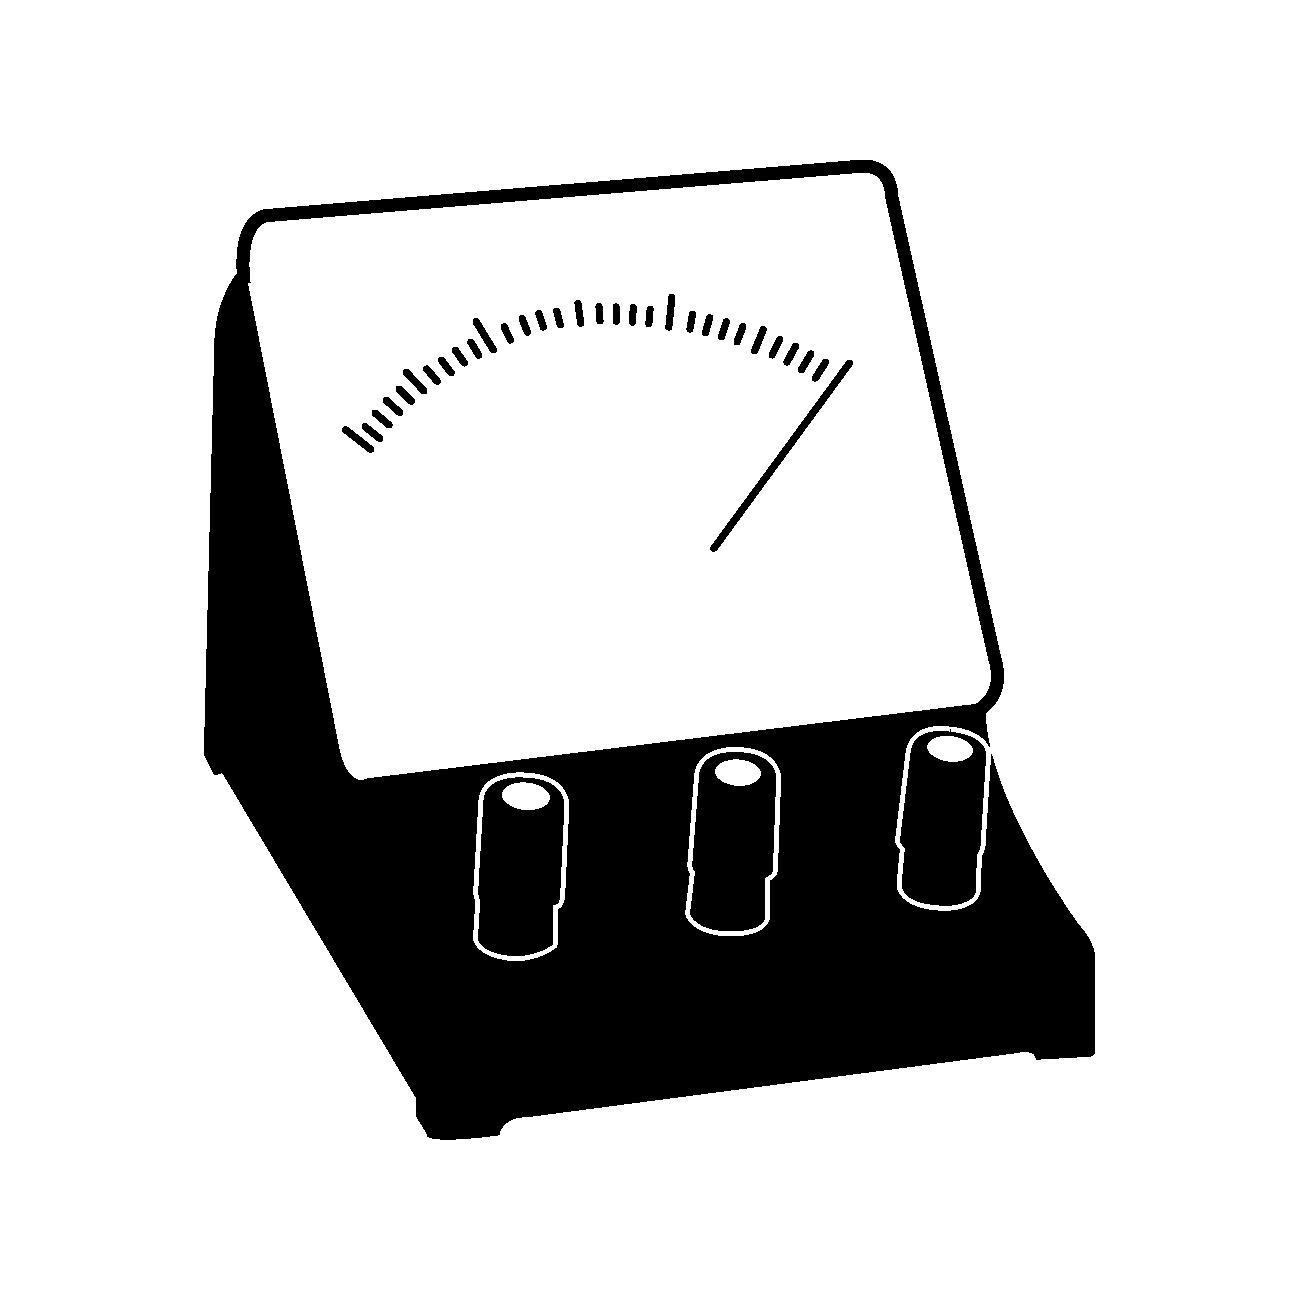 スマホの不具合特定に使える電圧・電流チェッカー